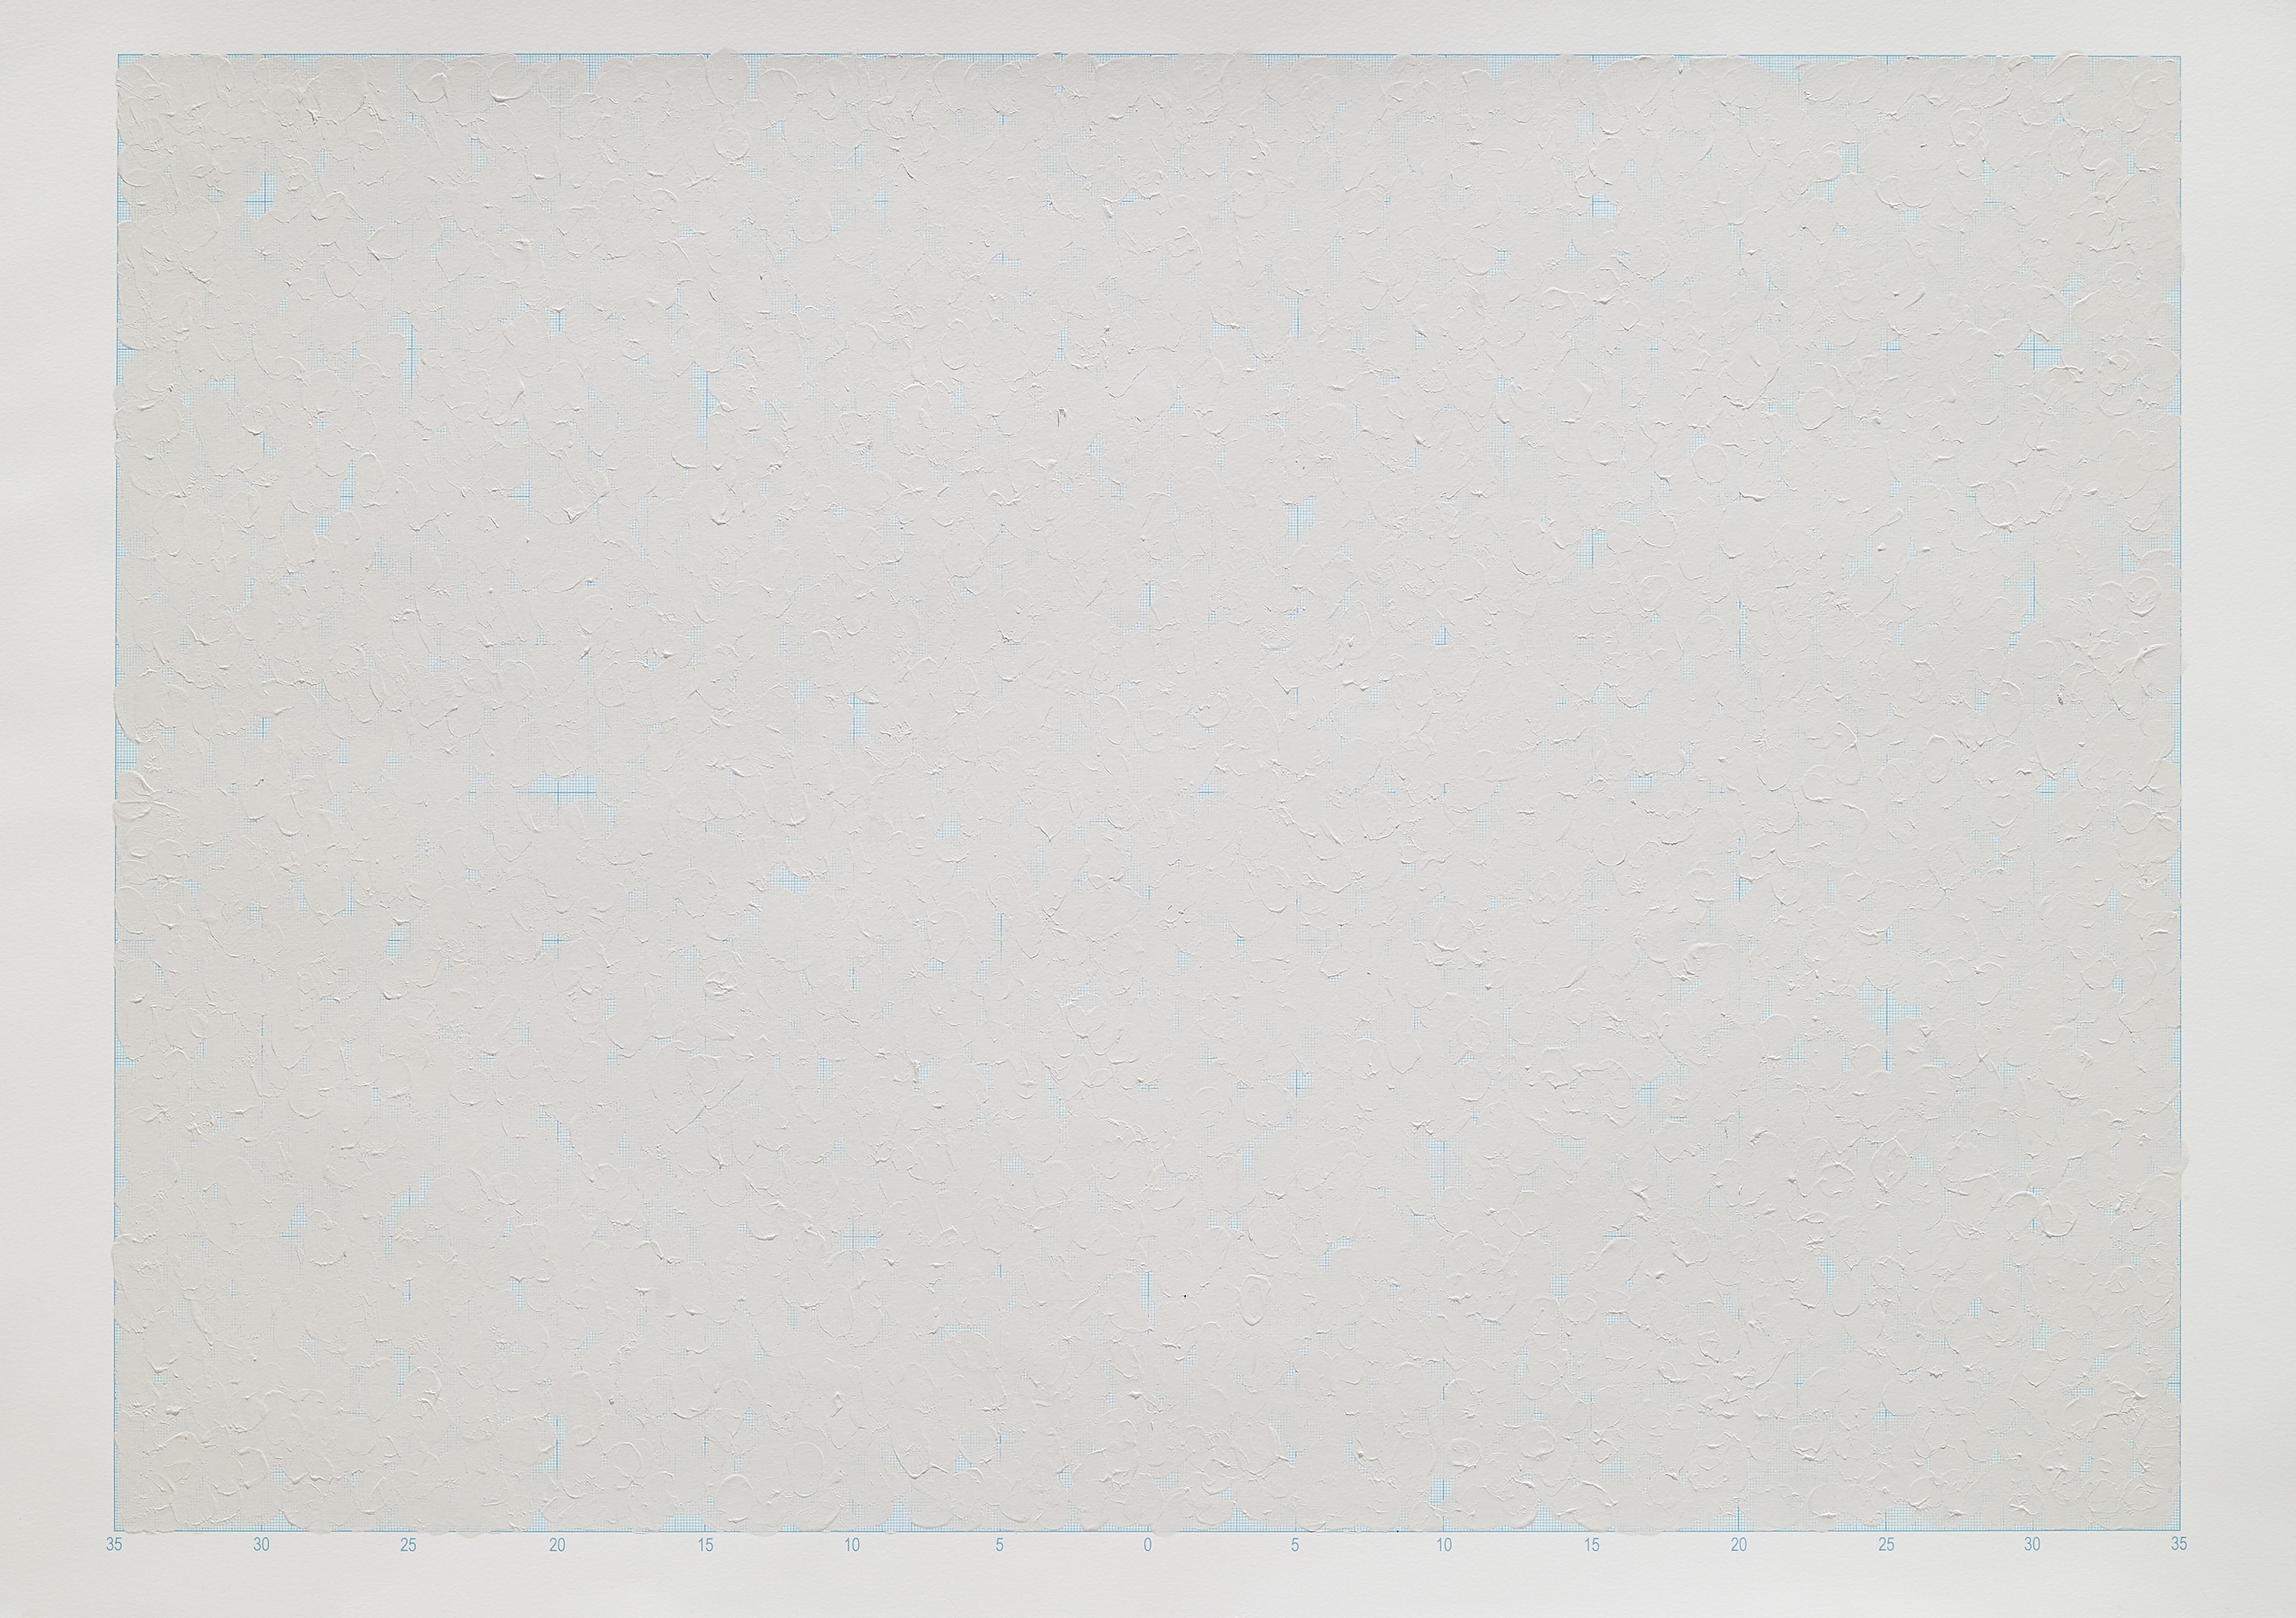 平面條件 G15-112, 2015년